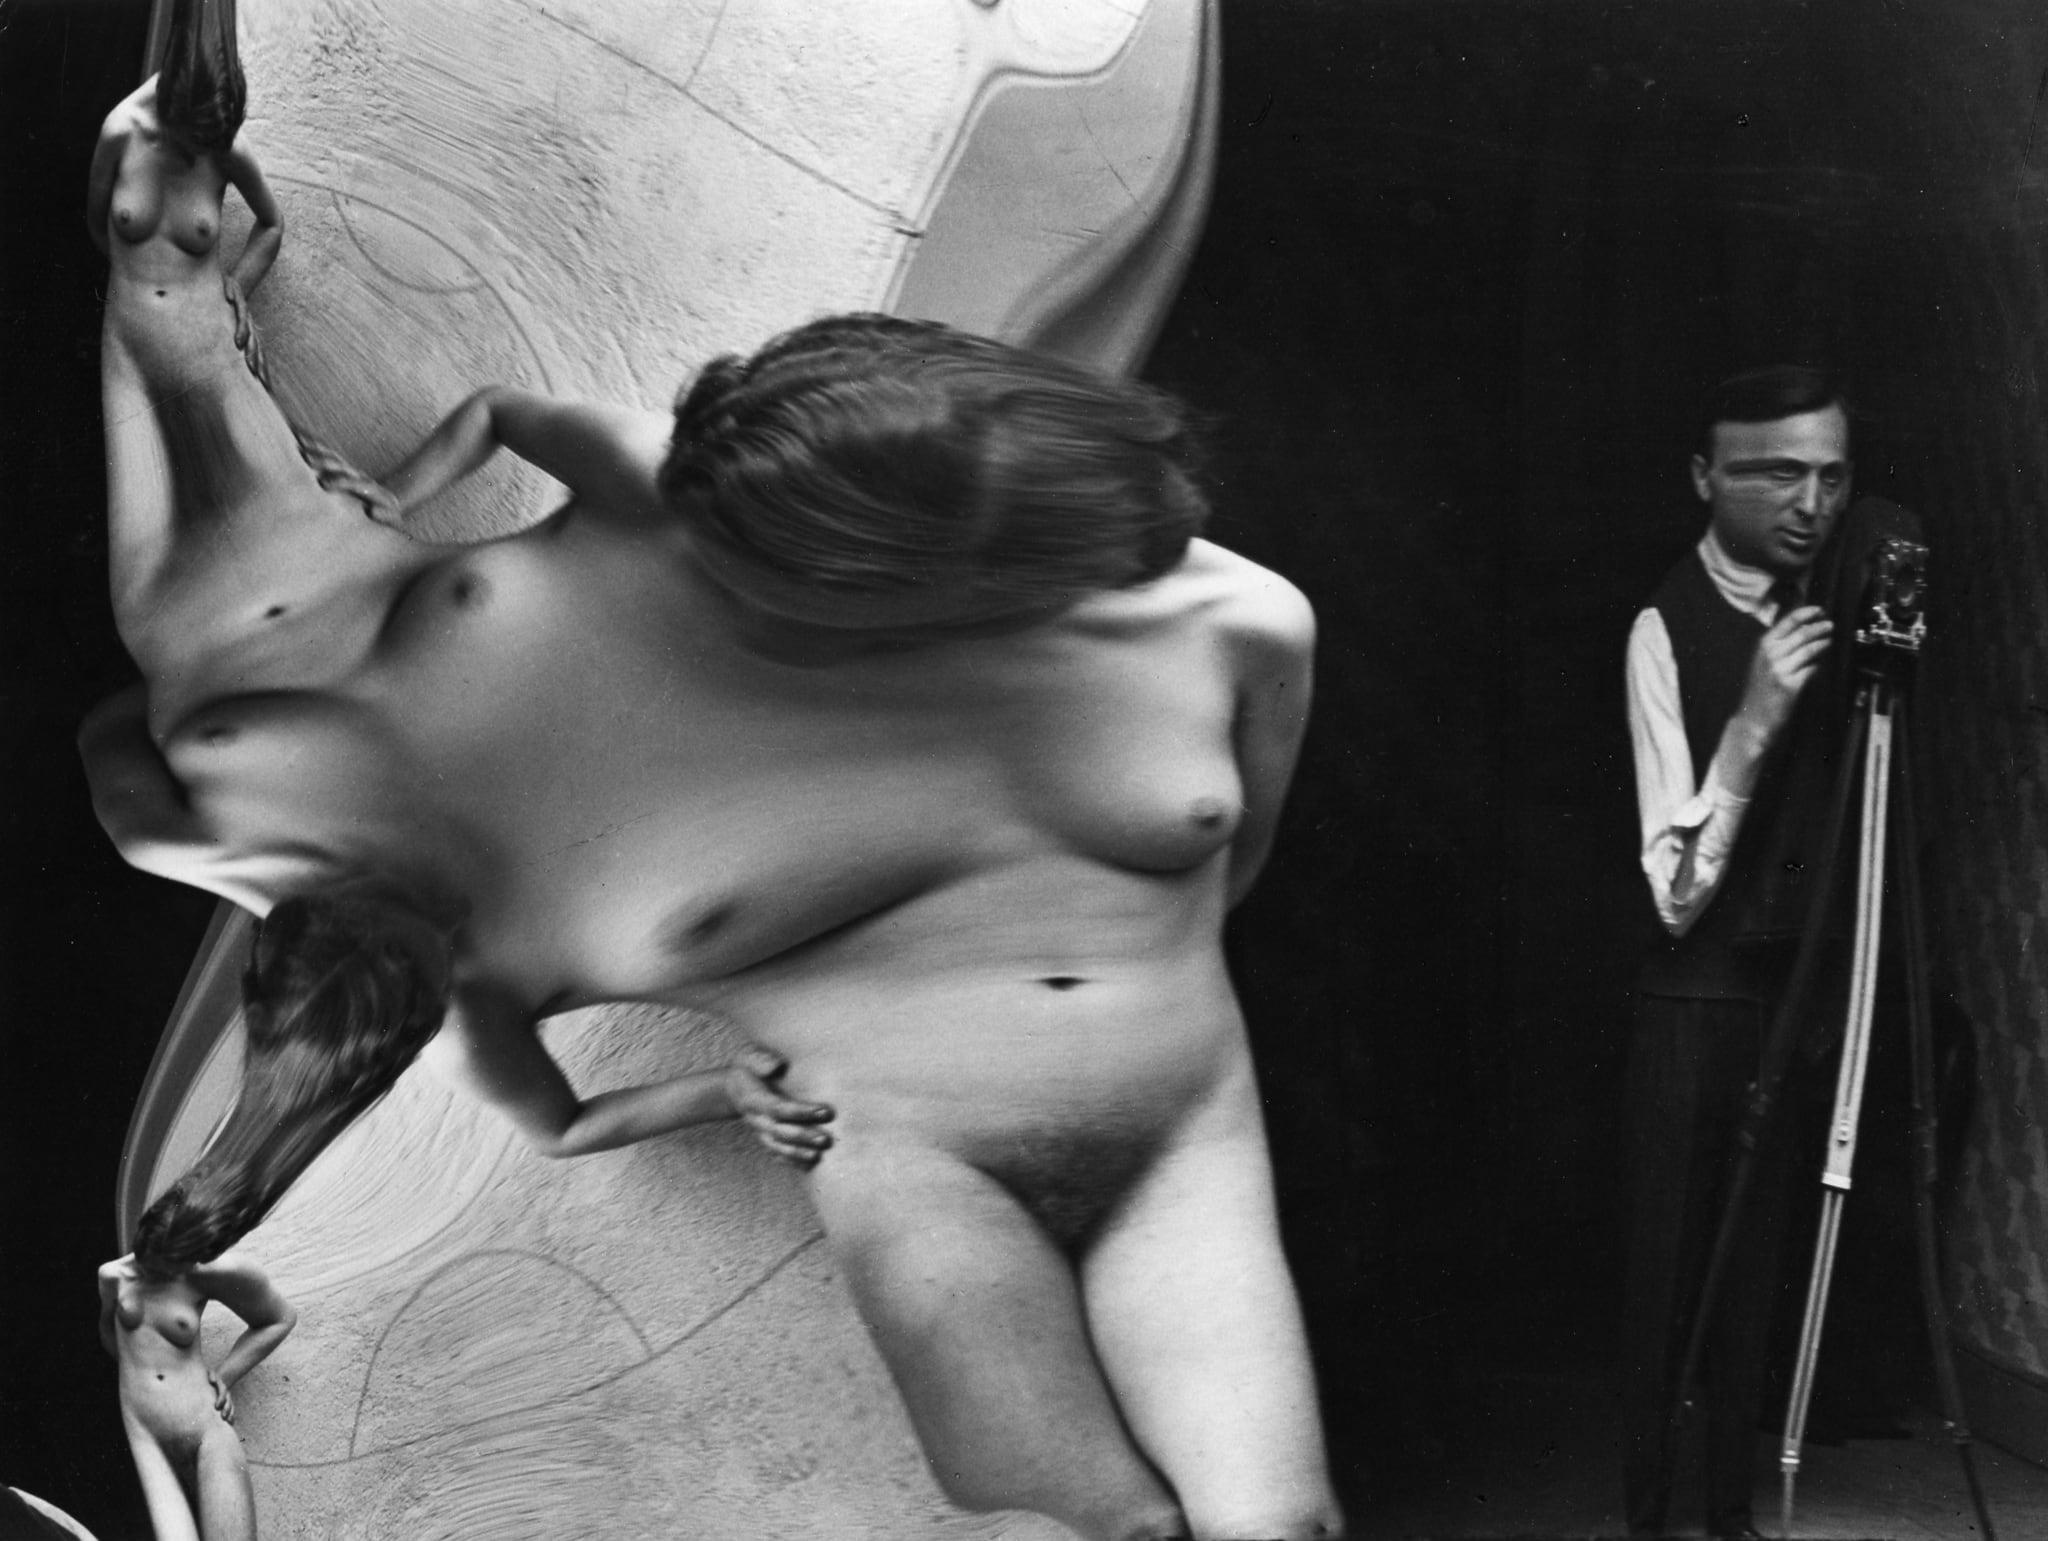 Distortion #91 by André Kertész